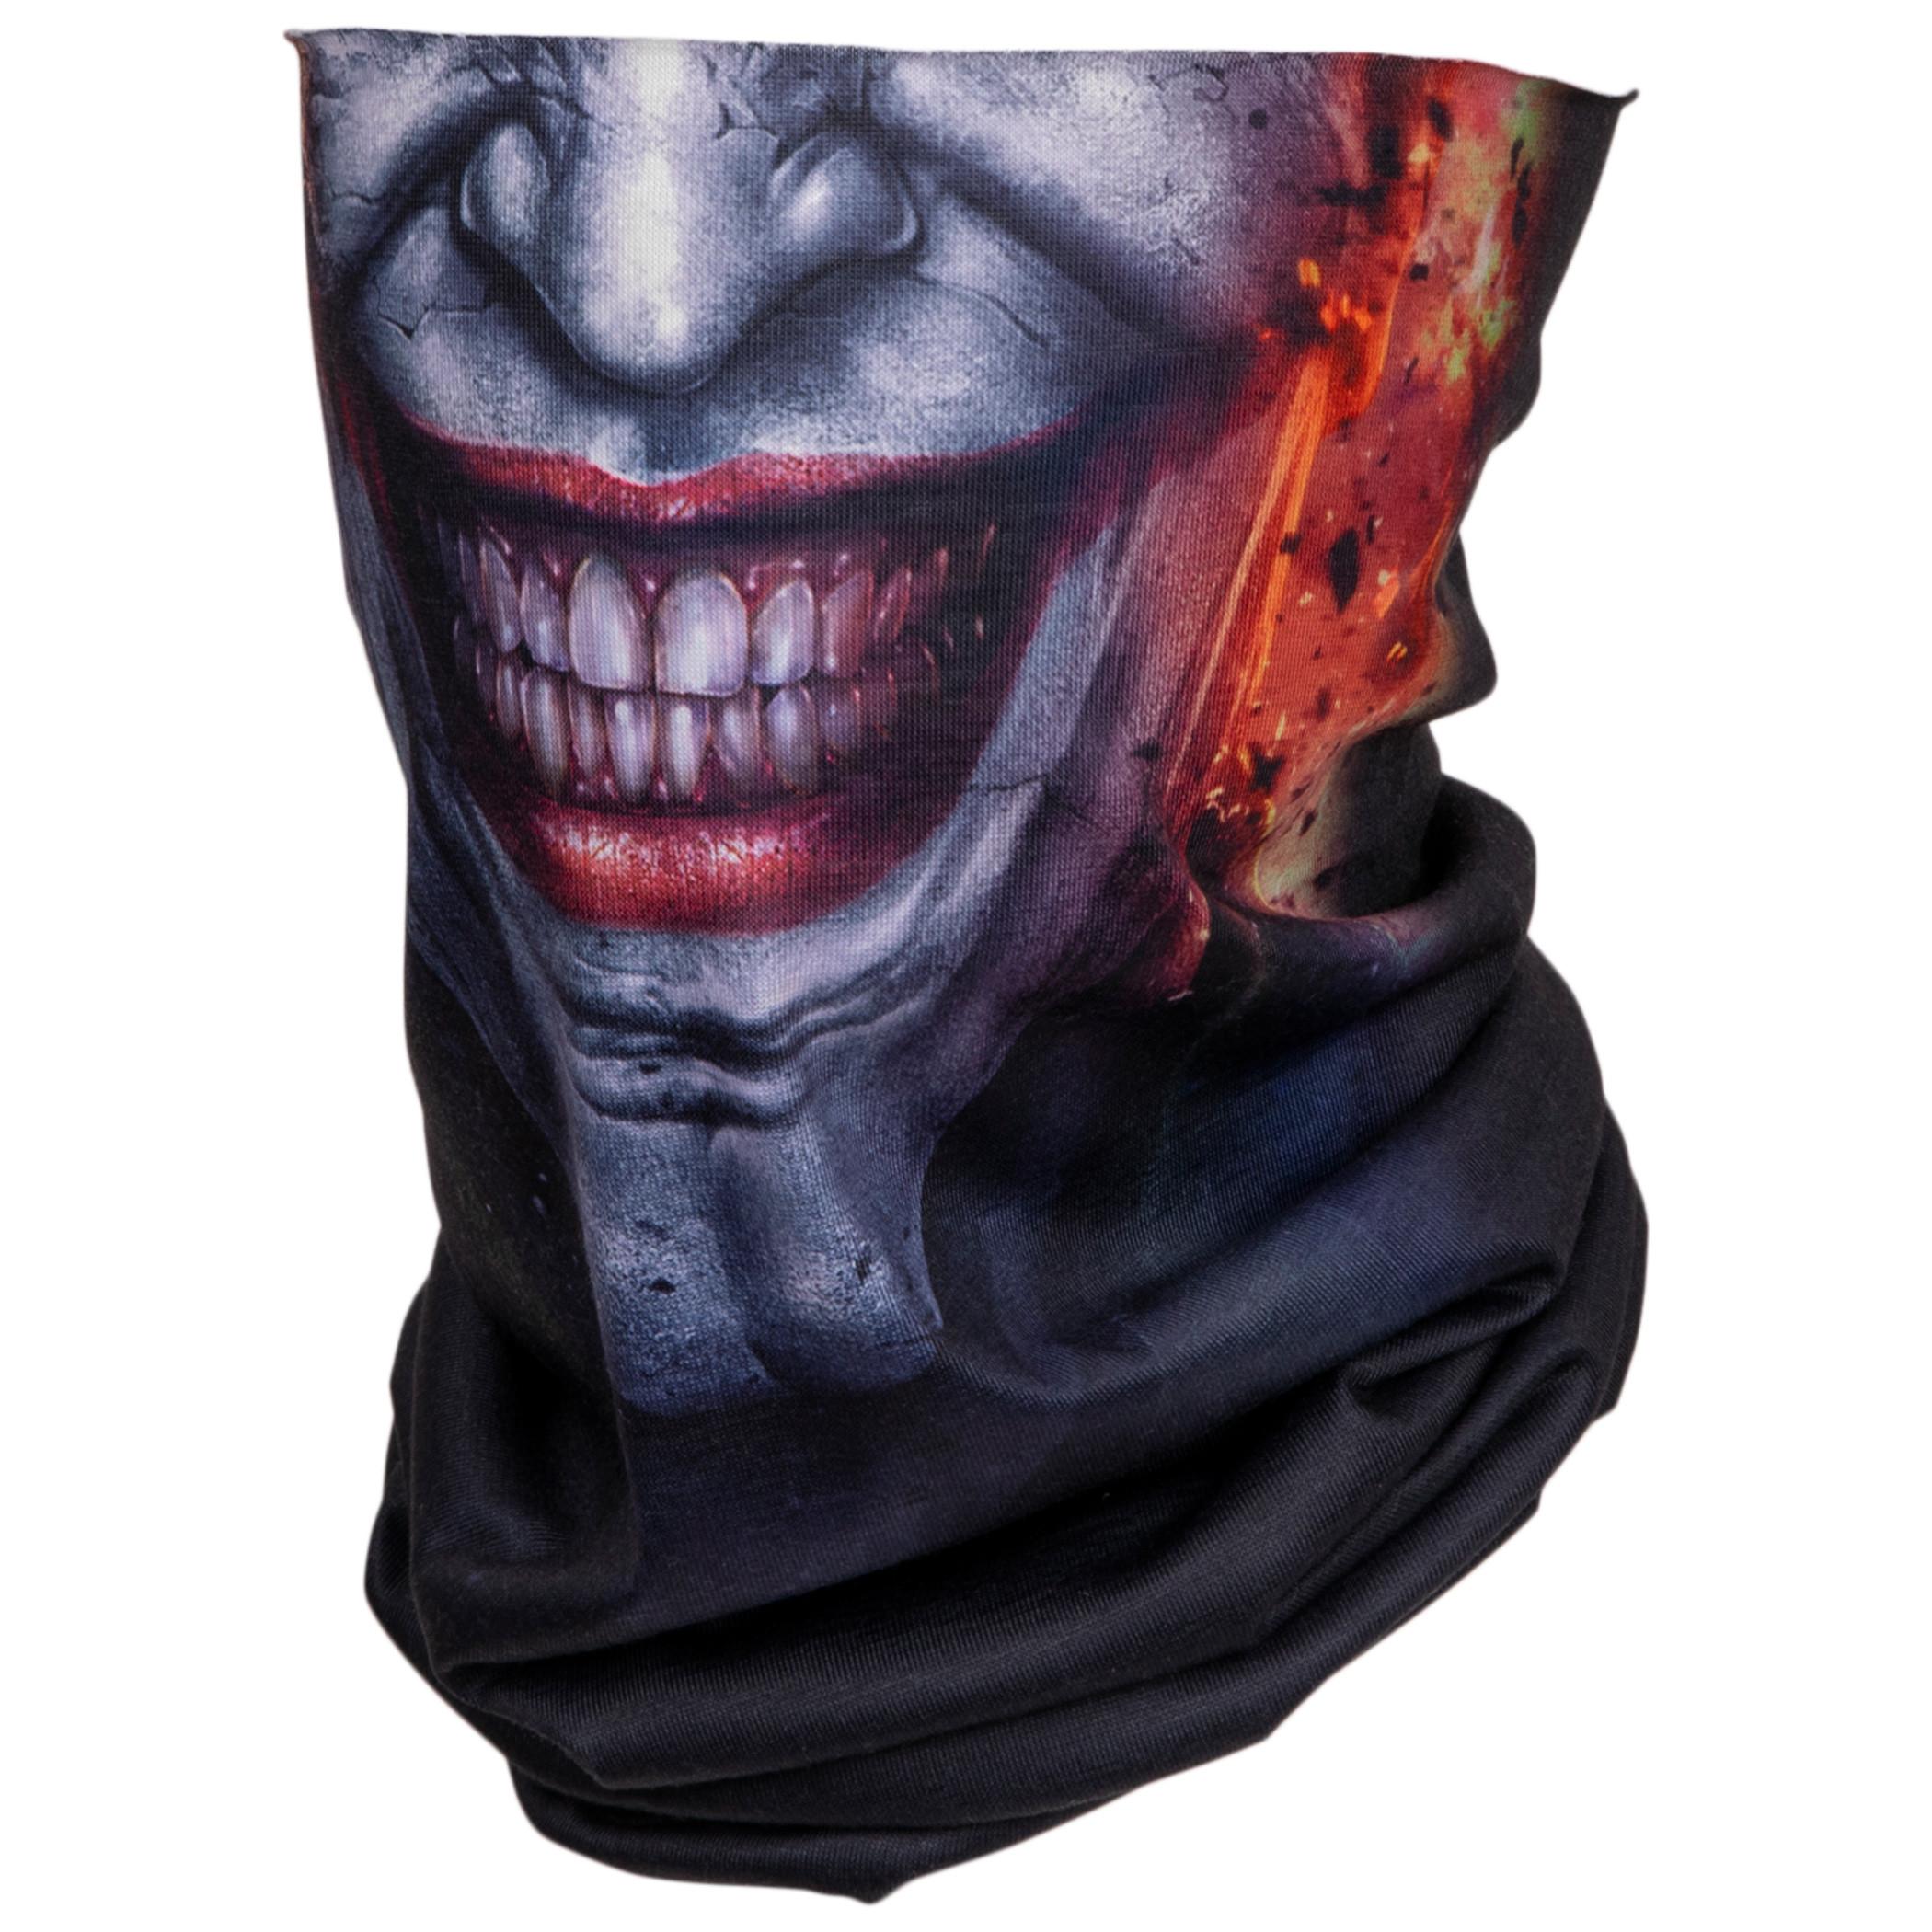 Joker Character Costume Full Face Tubular Bandana Gaiter